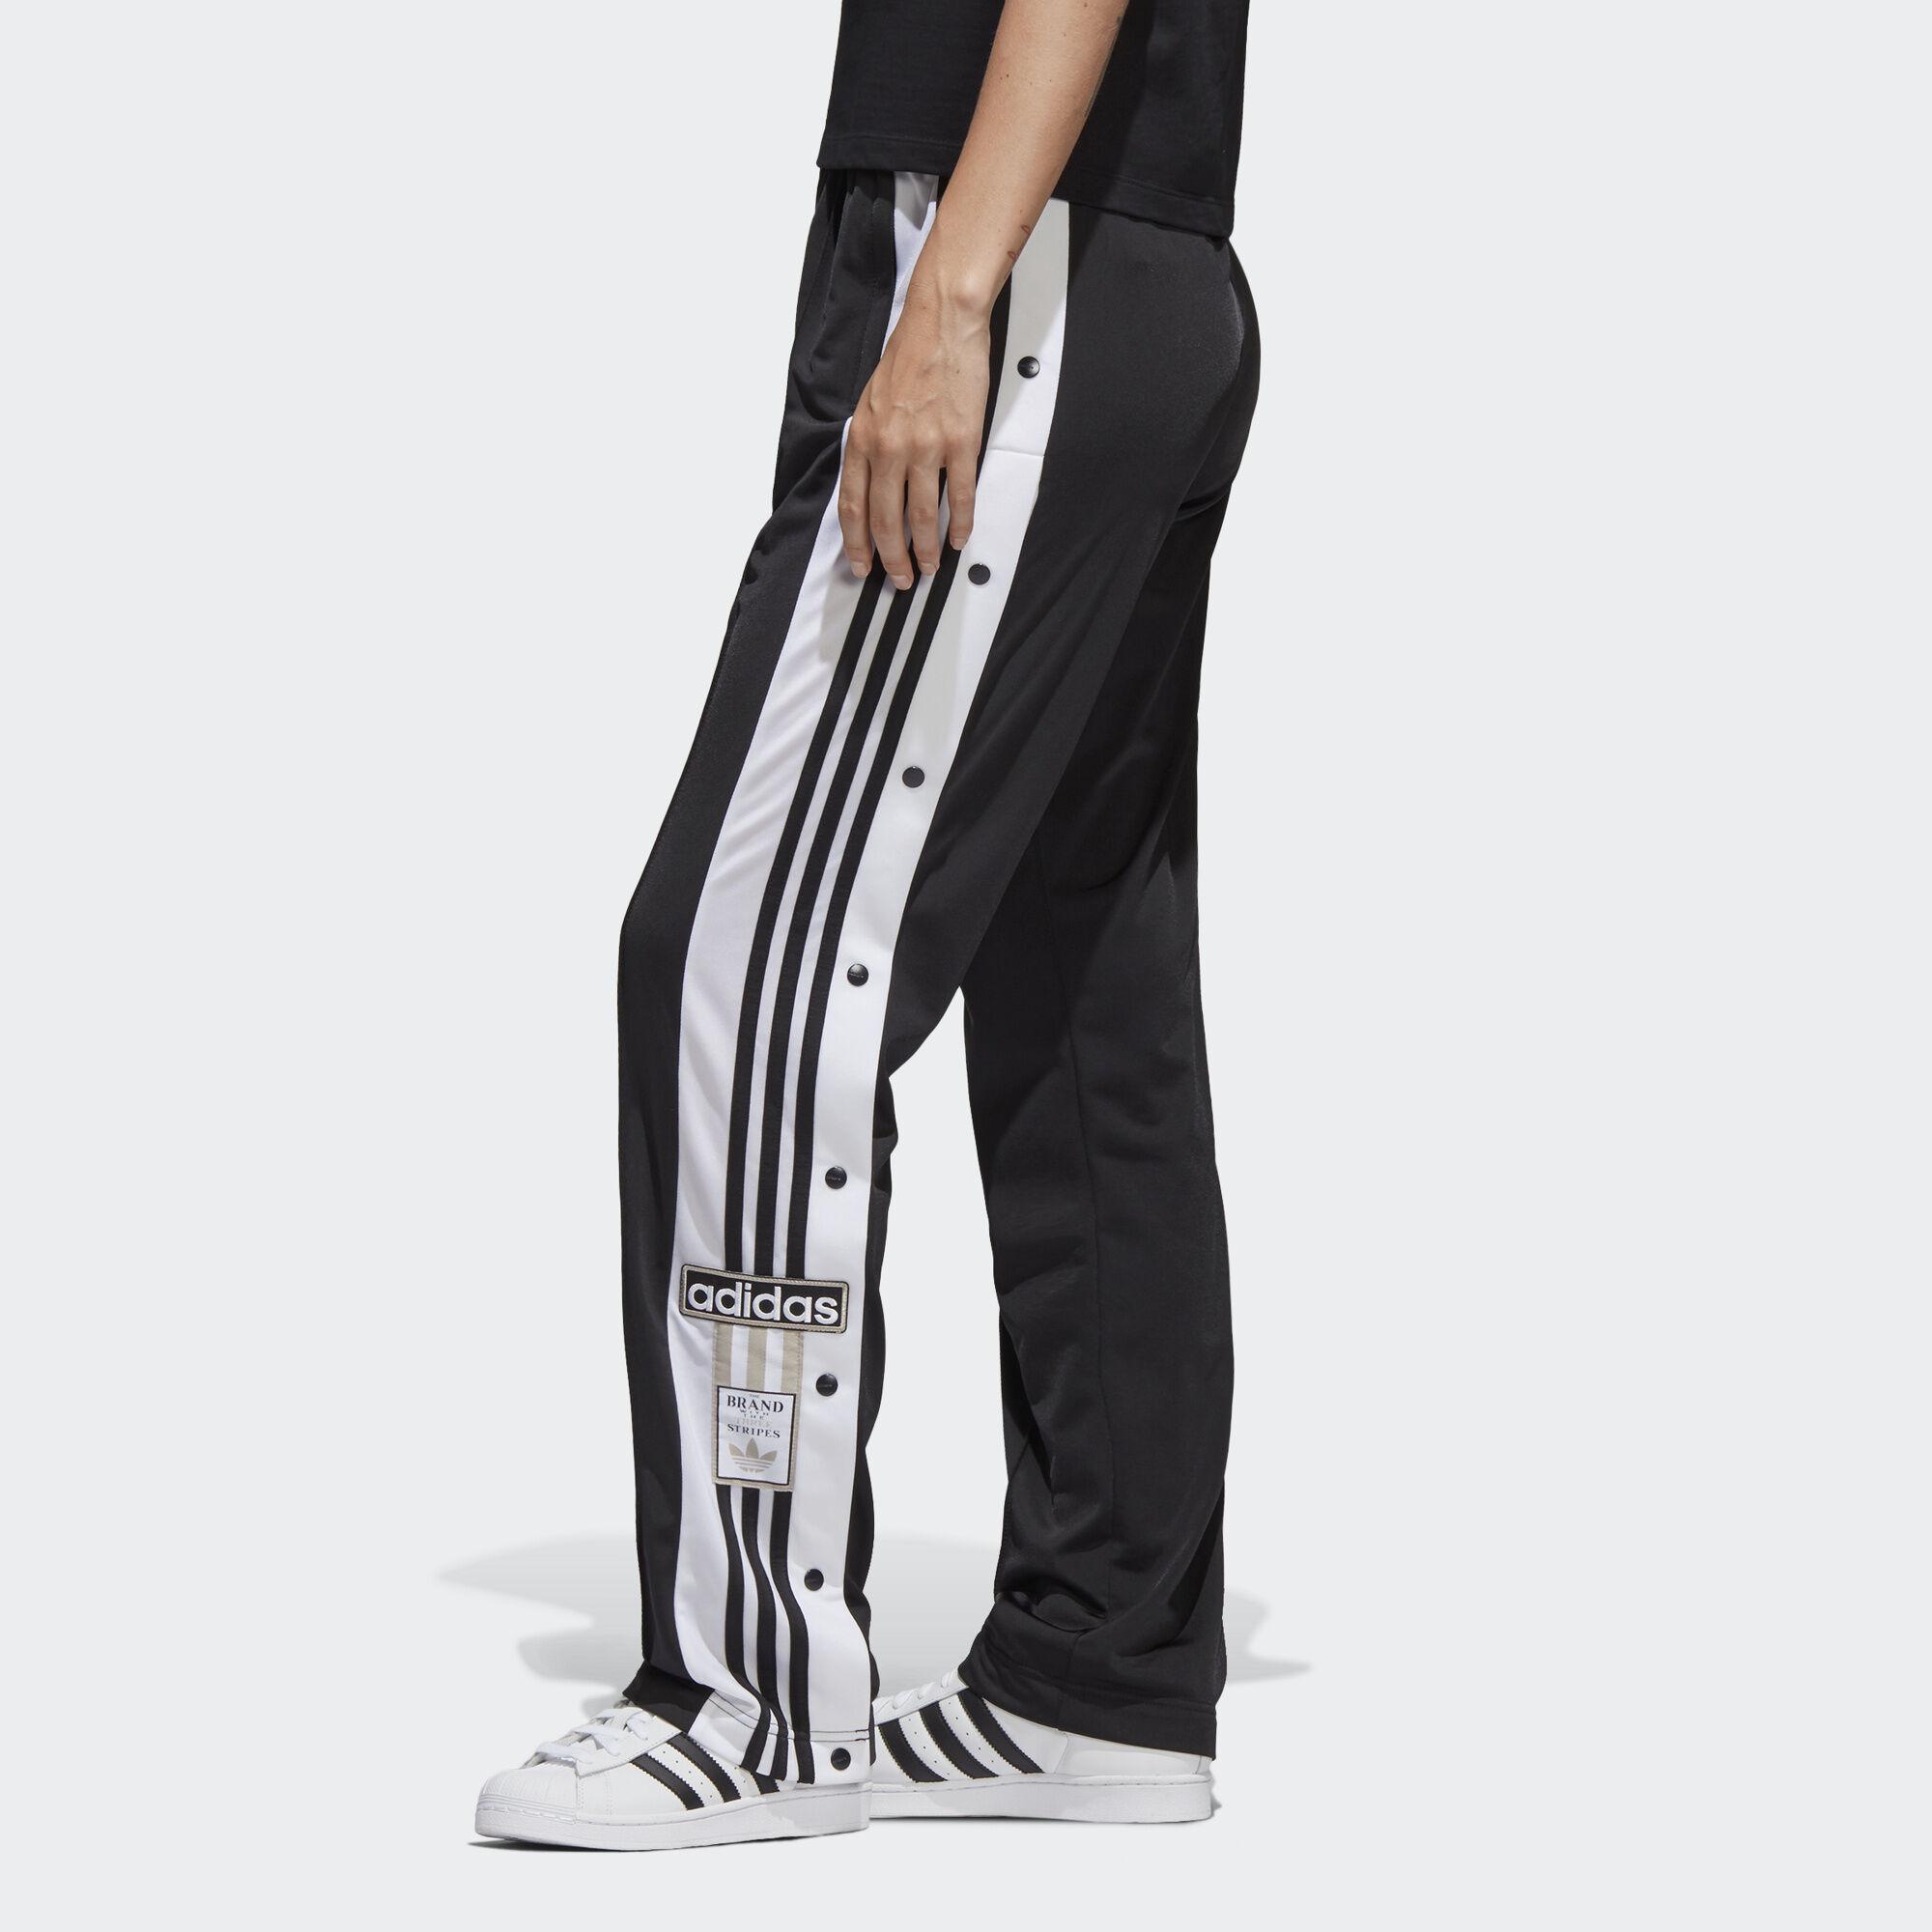 الزوج بسيط مختبر Pantalones Adidas Con Botones Laterales Microvoadores Com